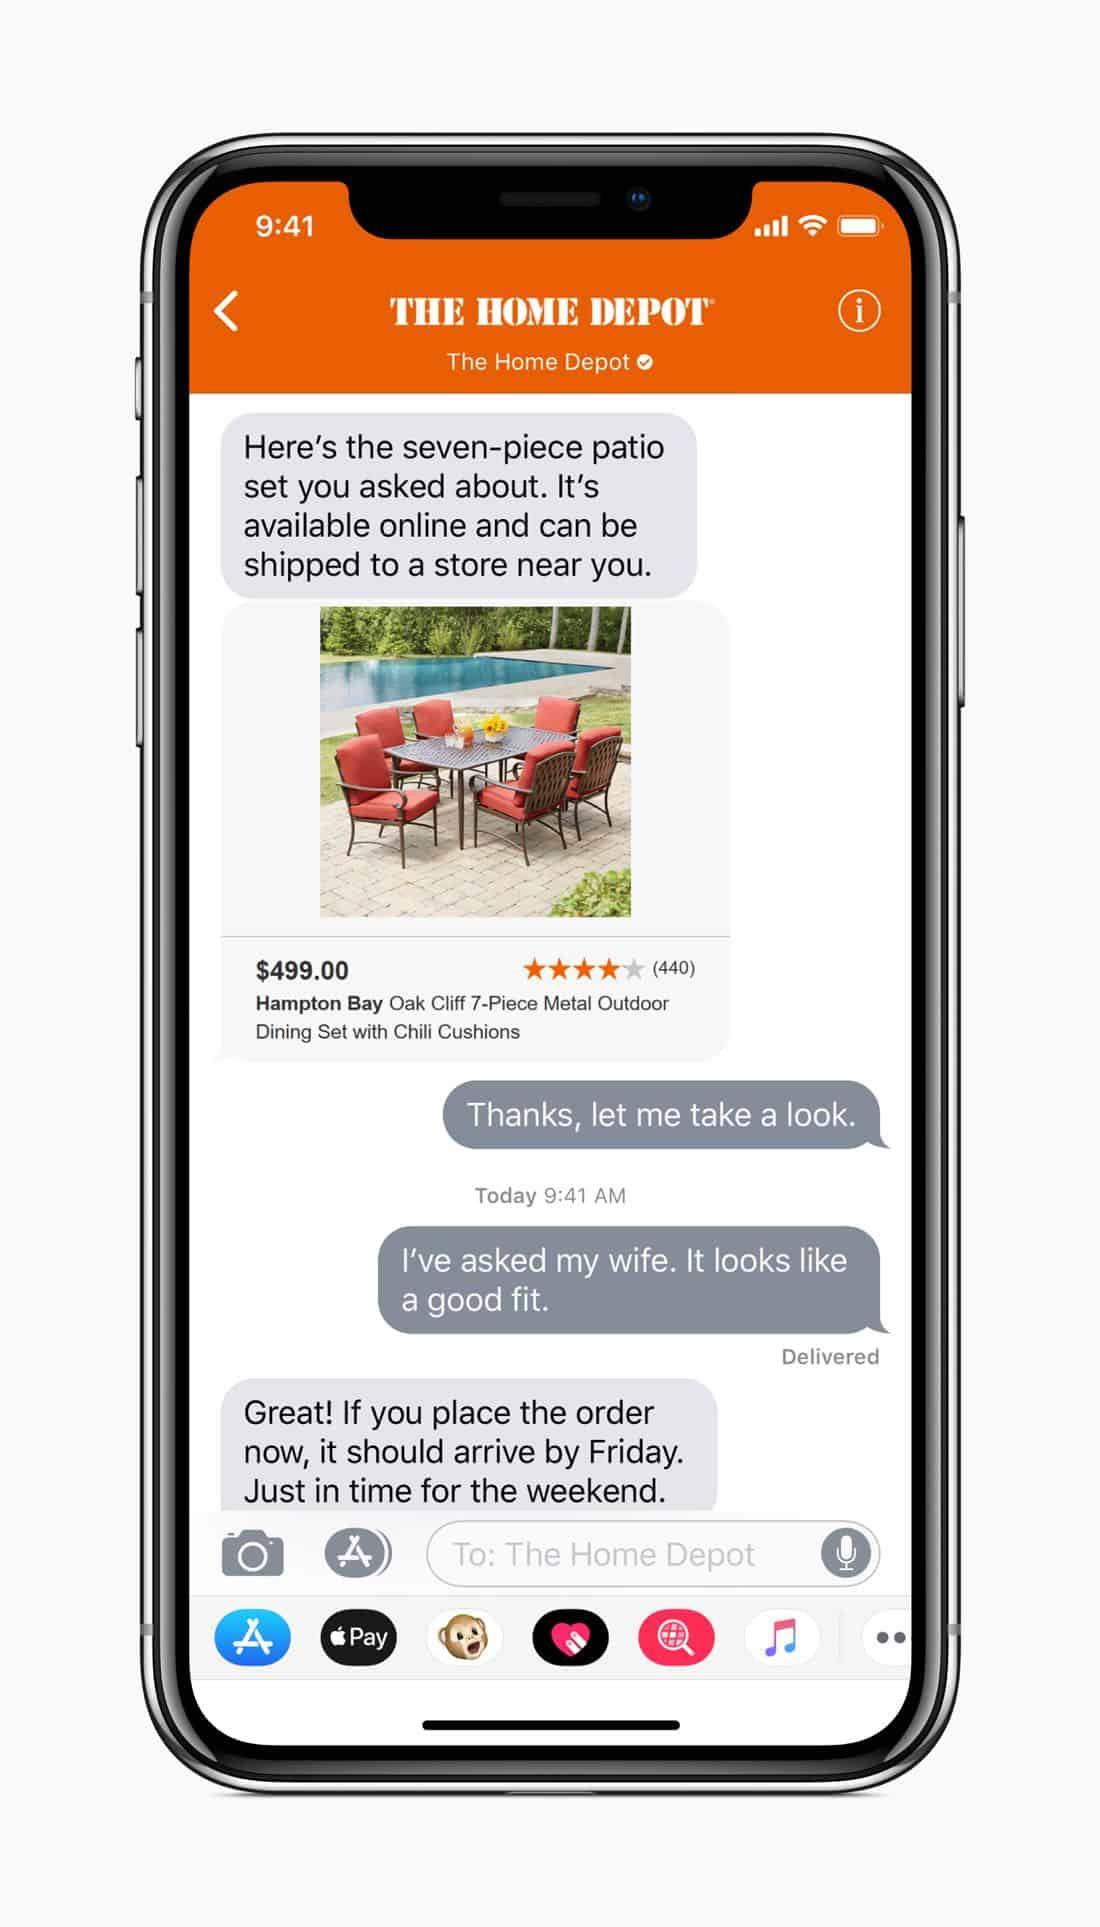 iOS 11.3 Business HomeDepot screen 03292018